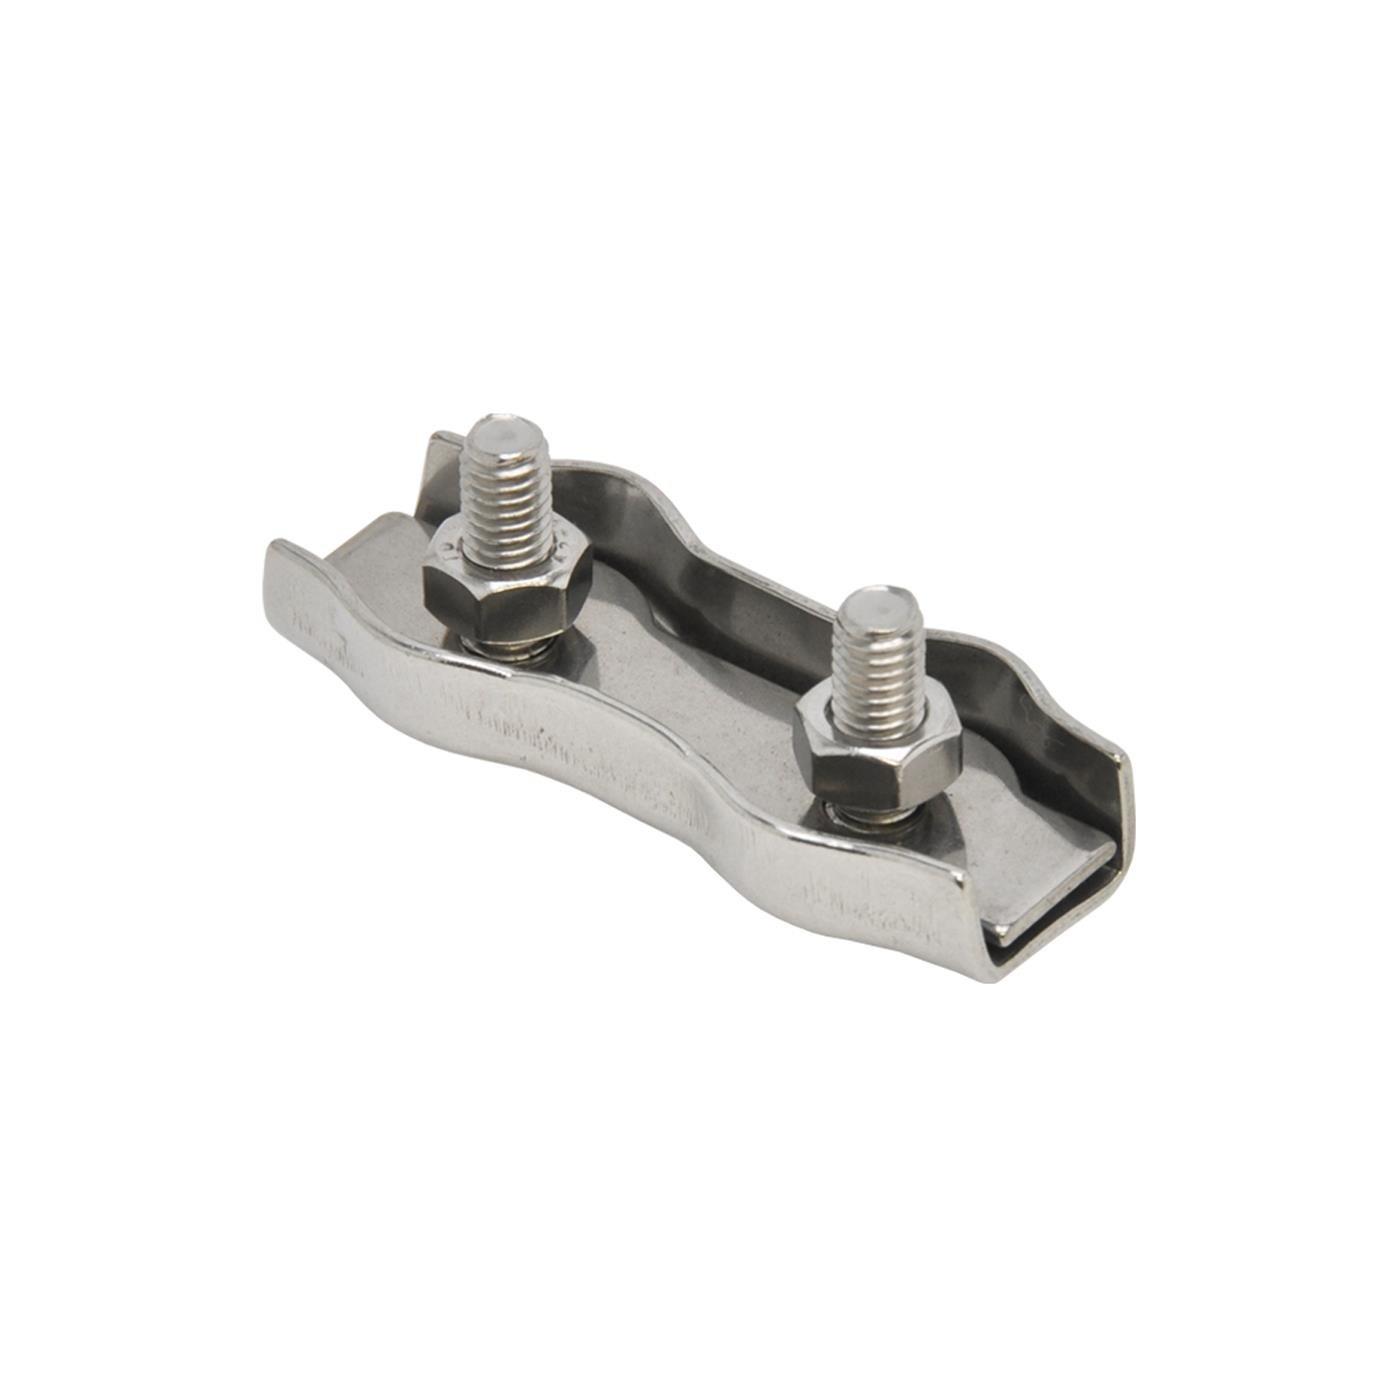 5x Raccord Jonction Fil et Corde de Cl/ôture /Électrique 6mm Acier Inox